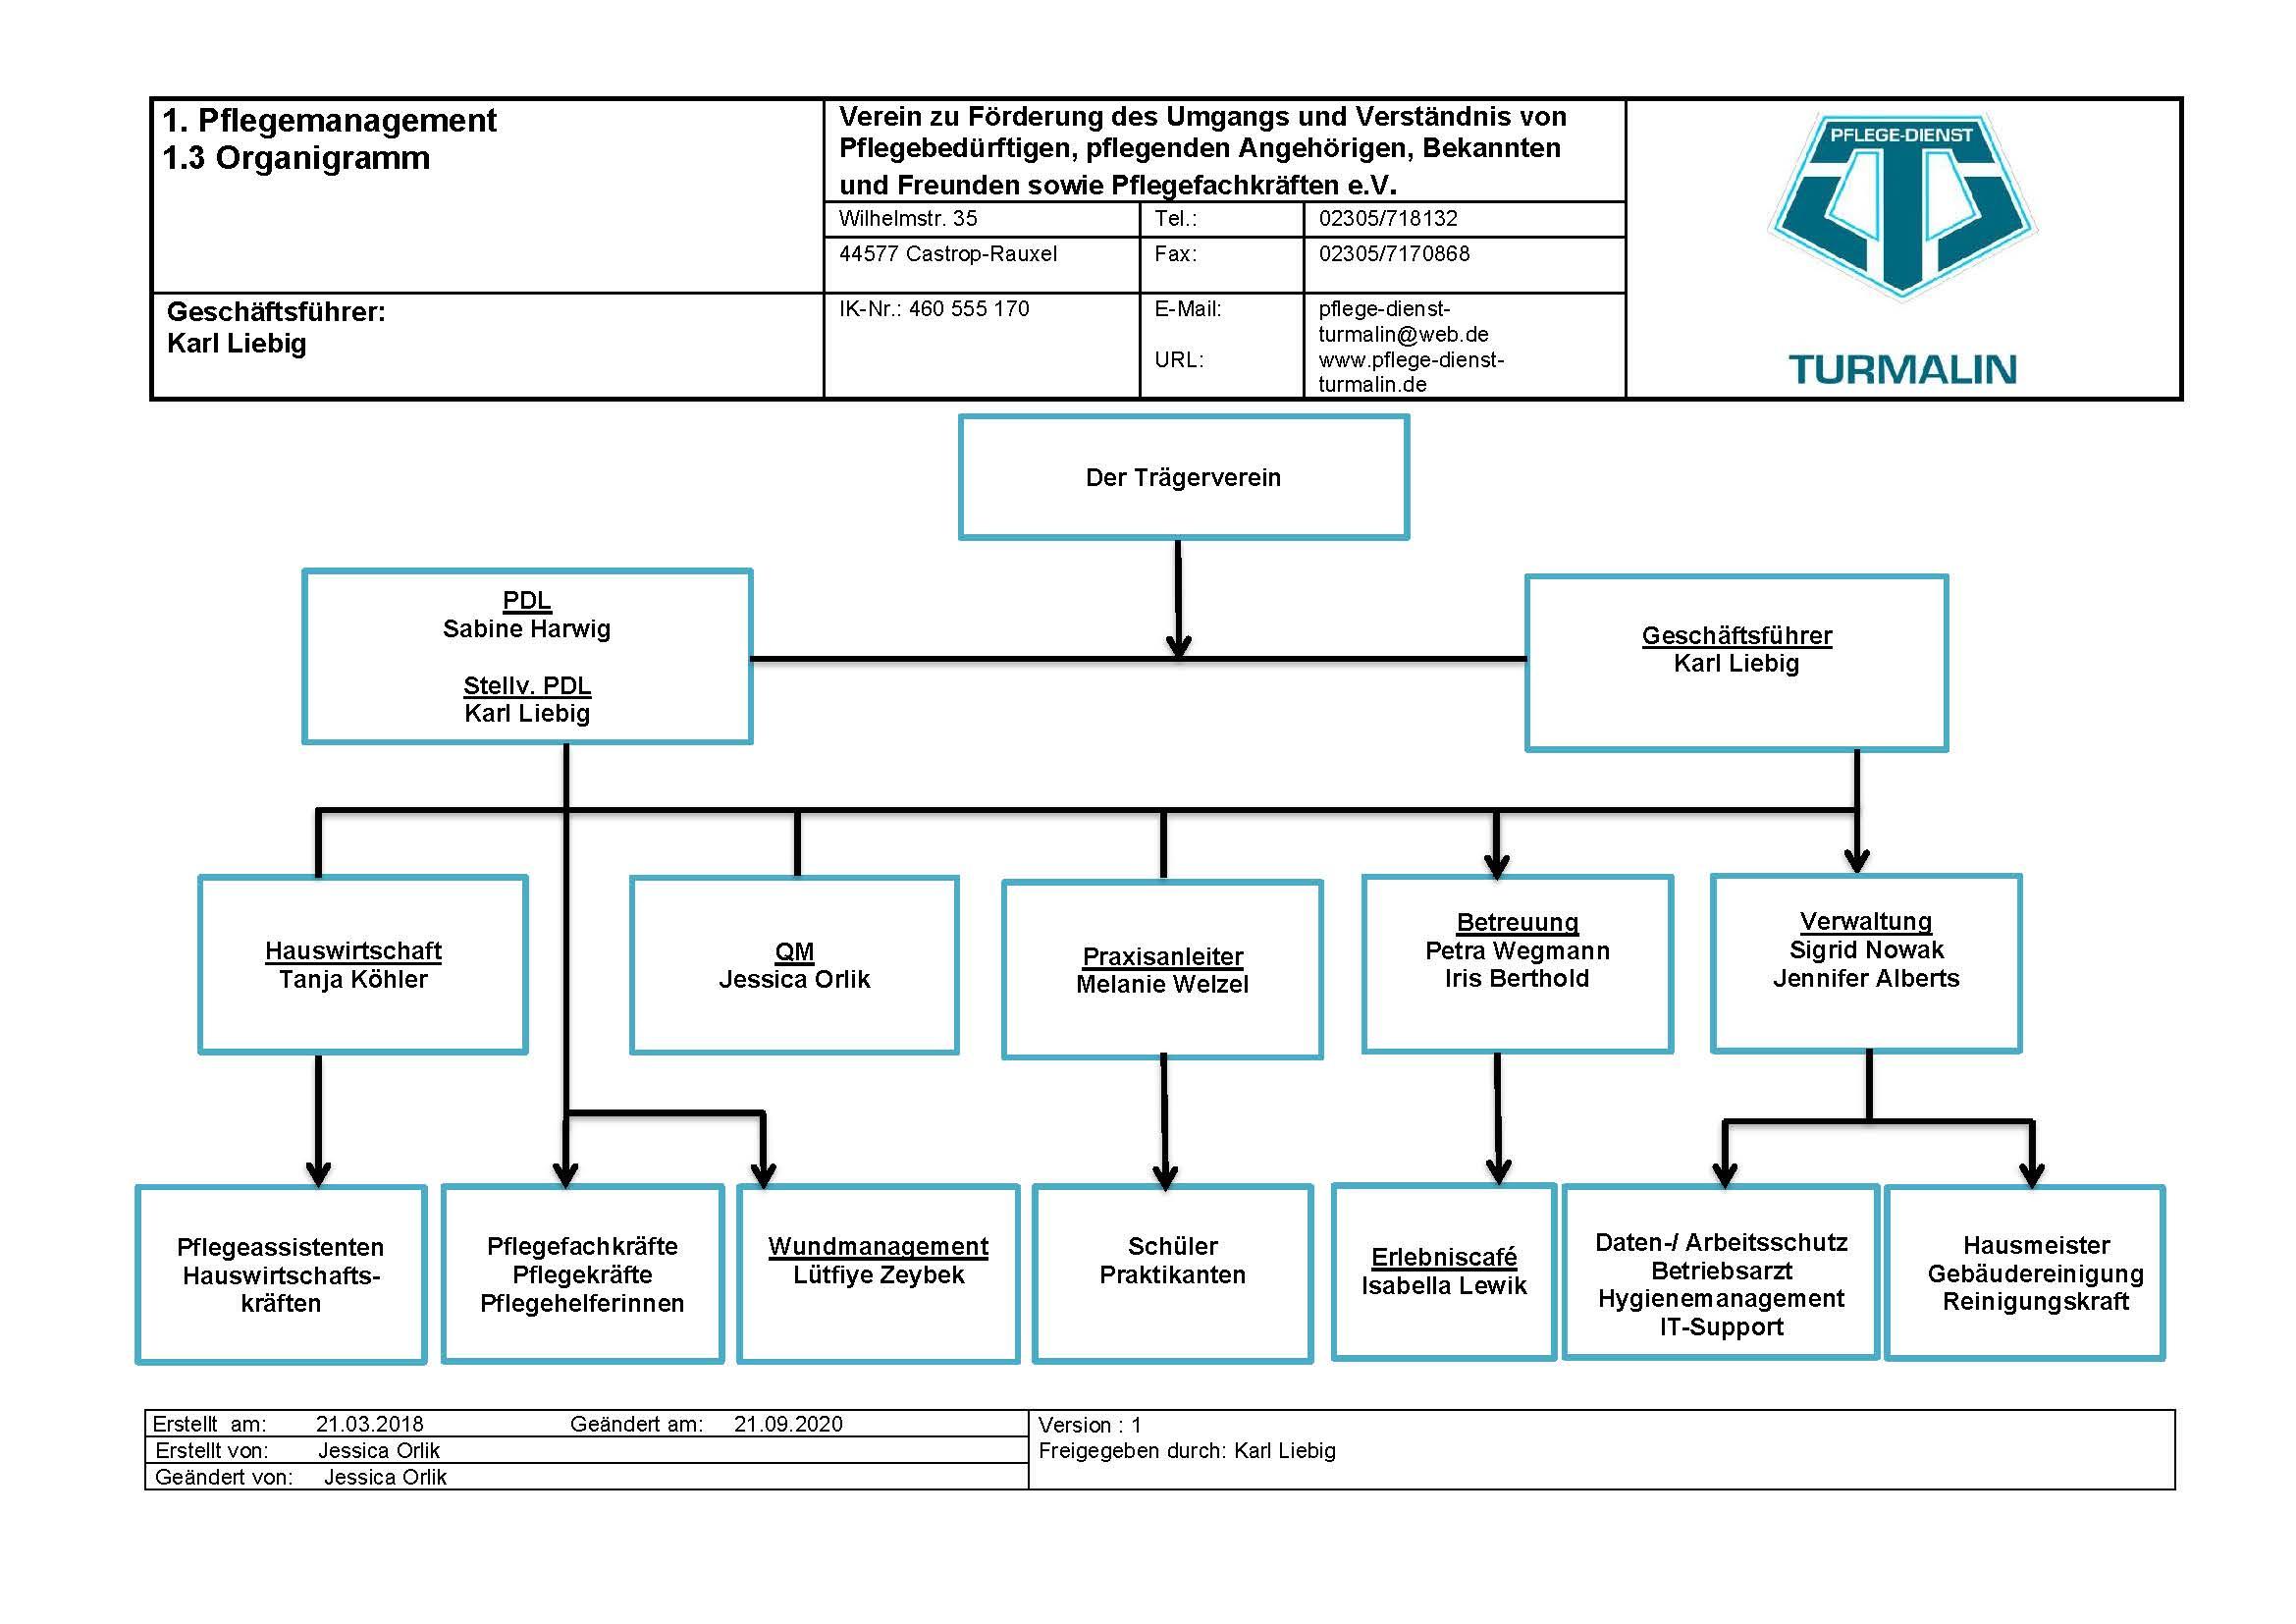 Organigramm Pflege-Dienst Turmalin